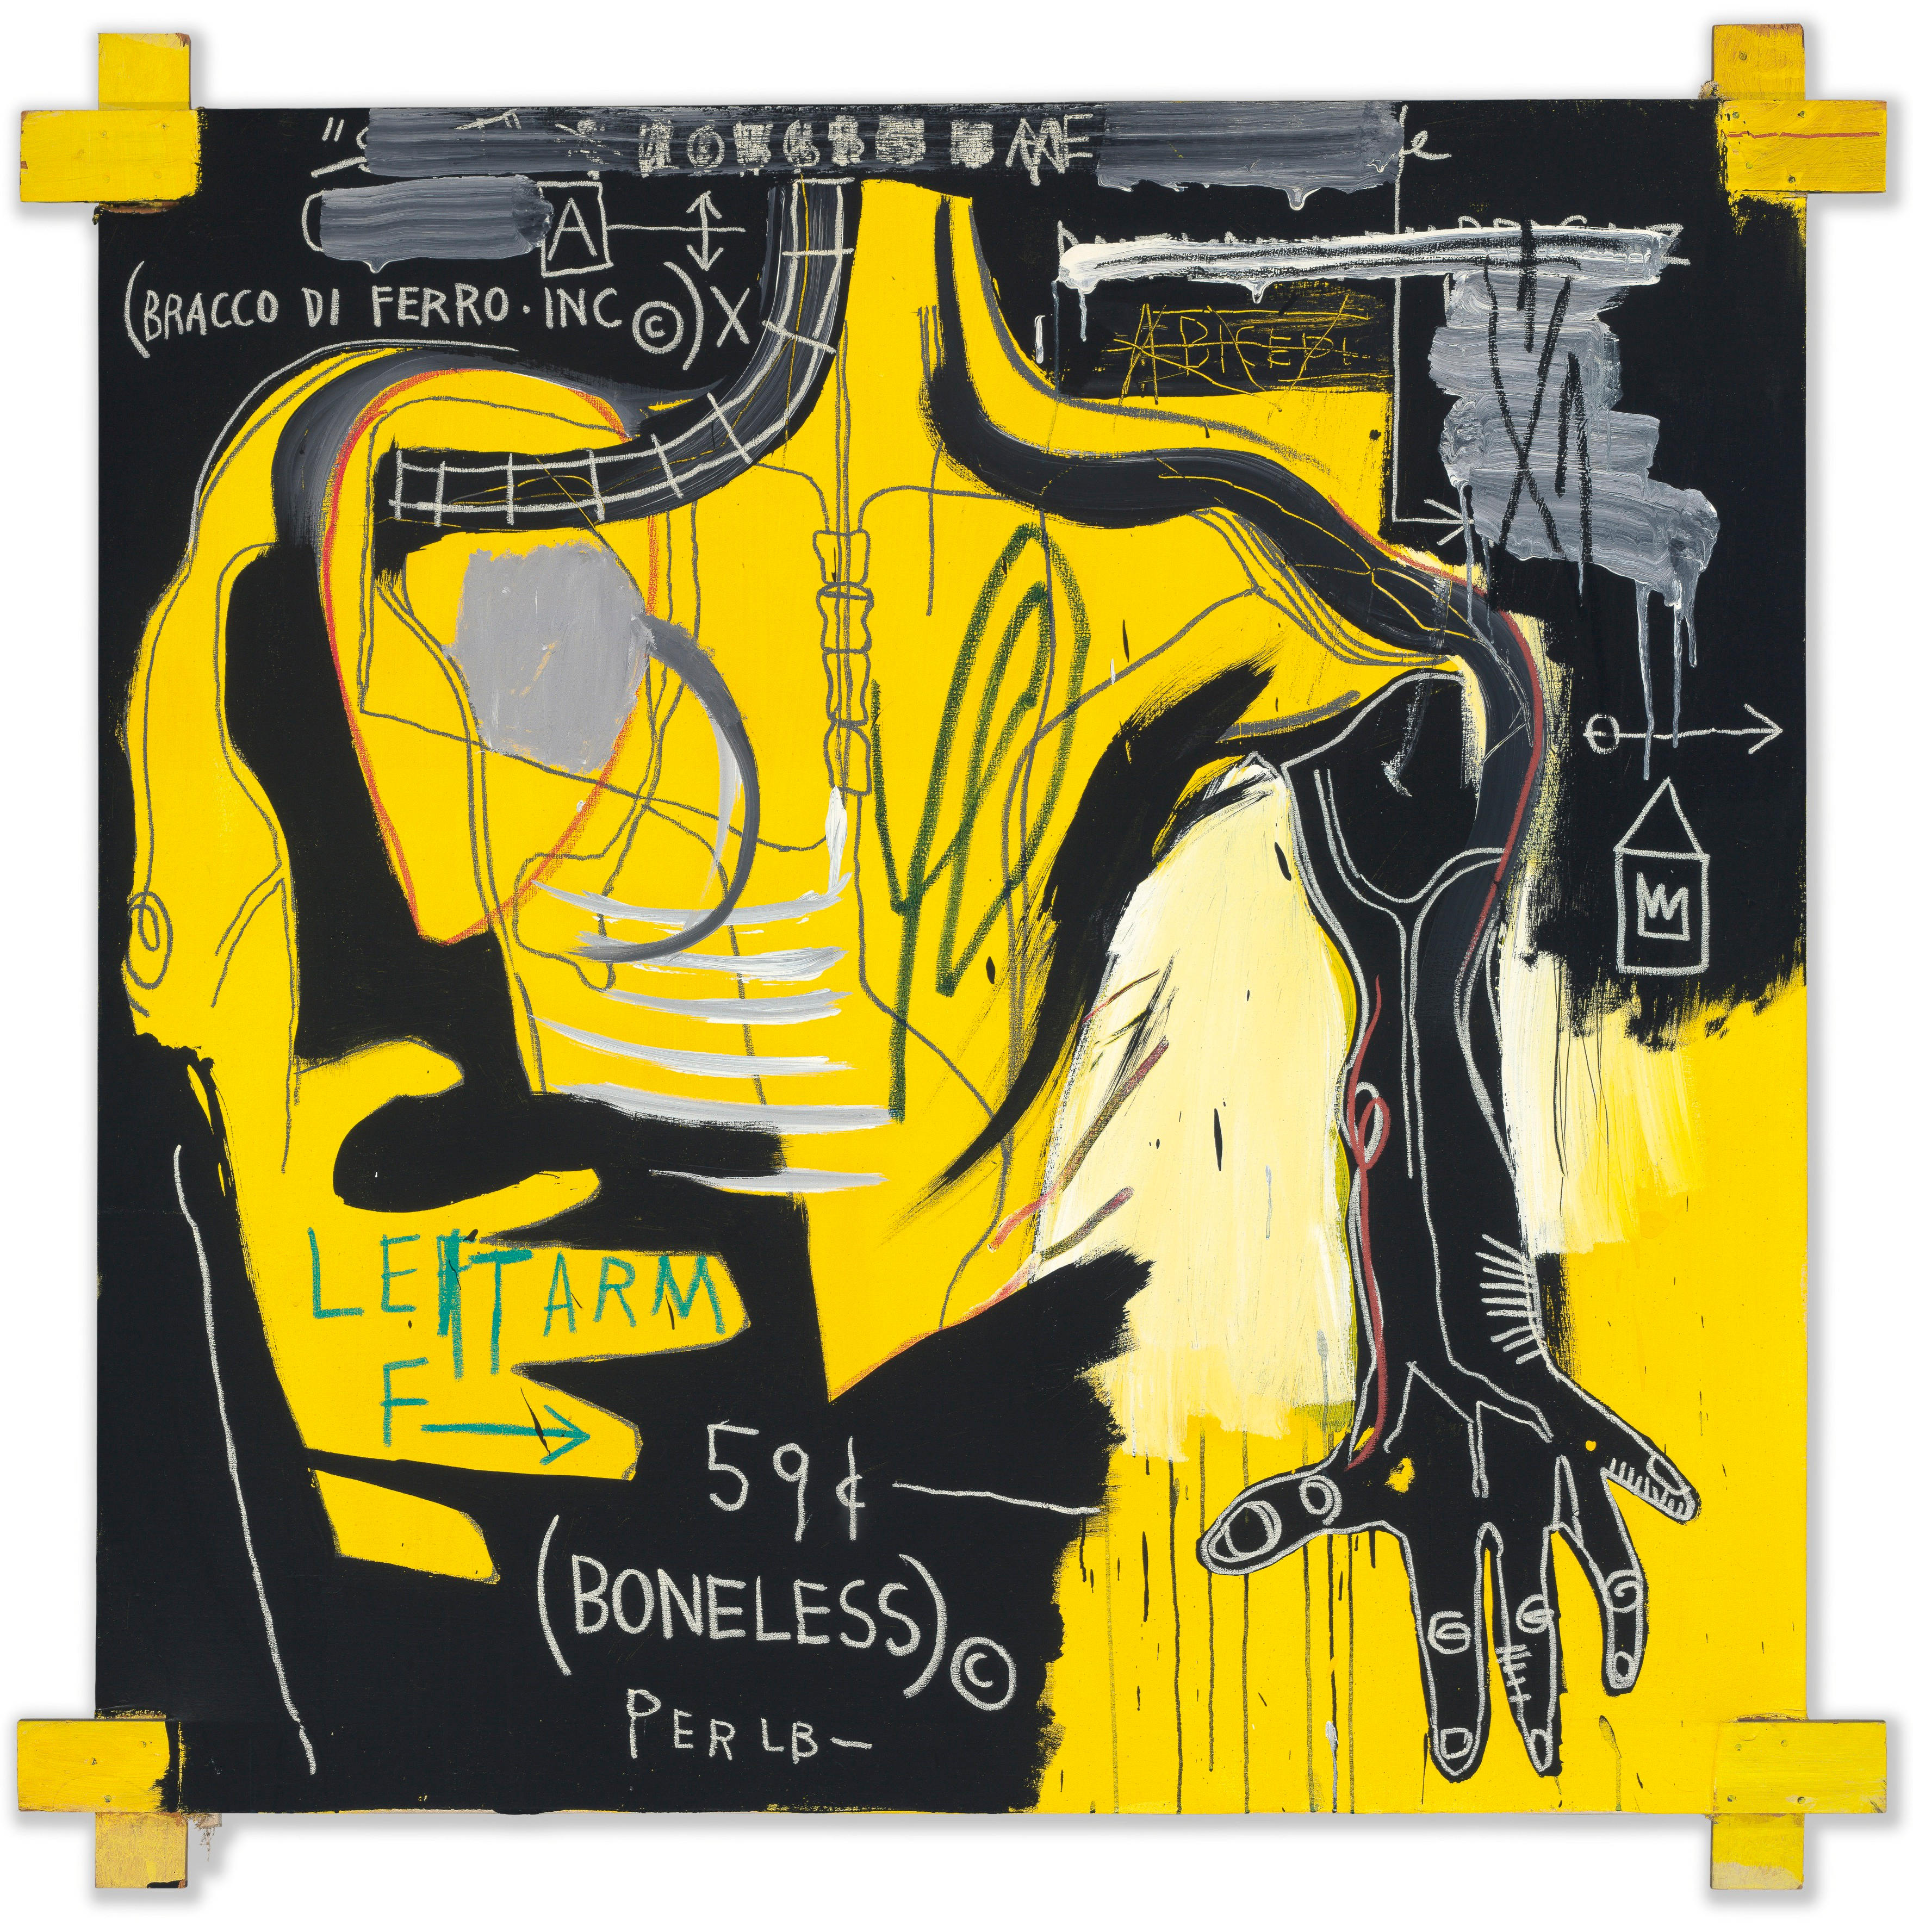 talentieventi-10_basquiat-senzatitolo-braccodiferro-1983